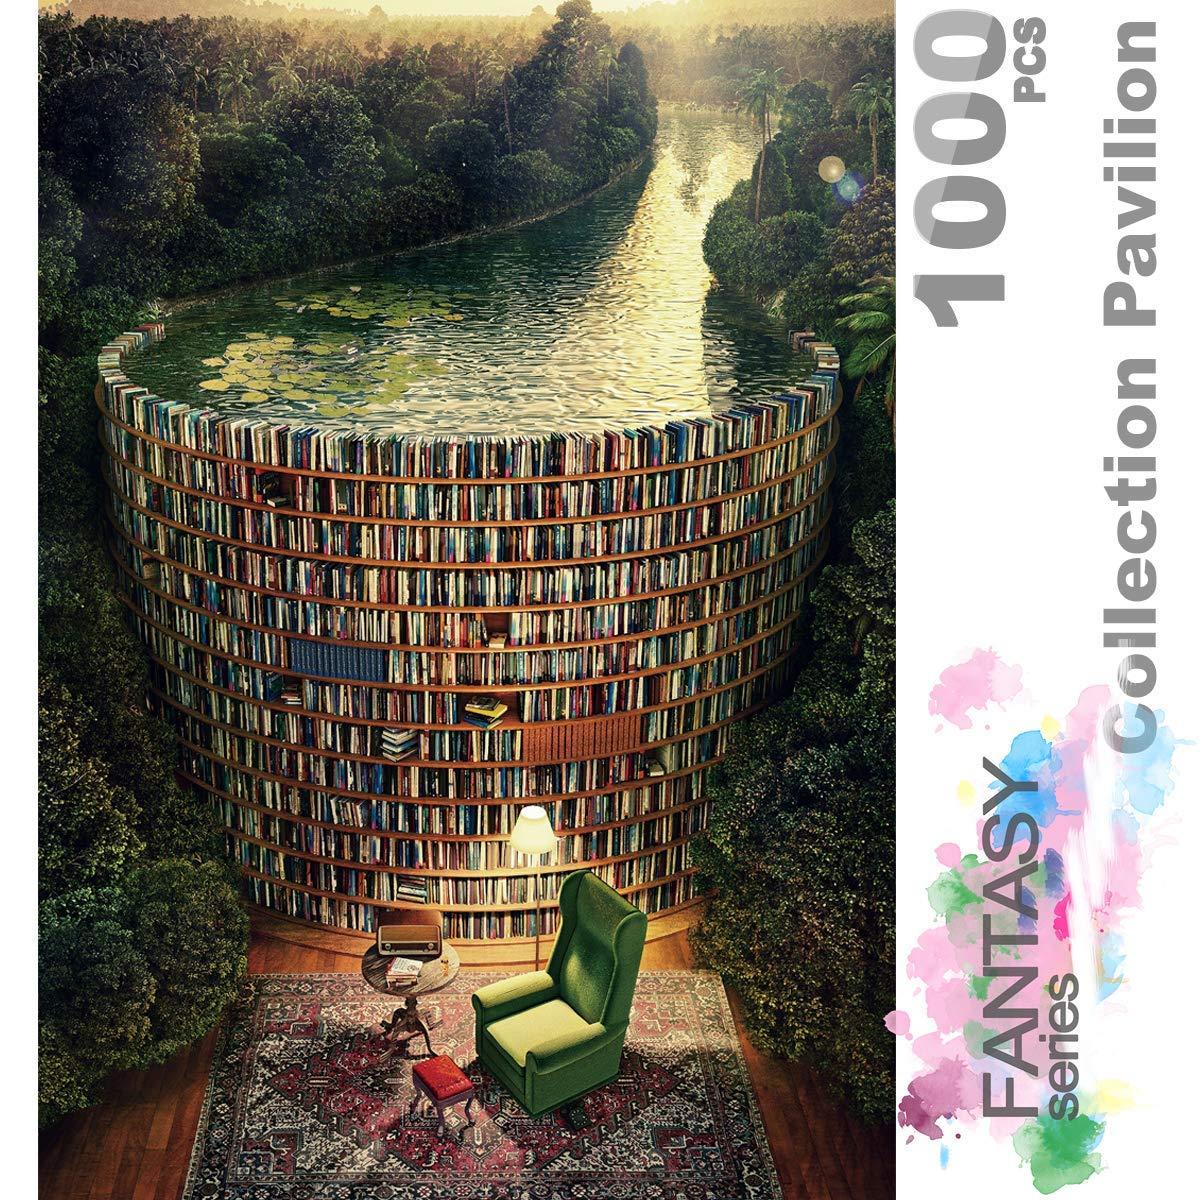 Estante e canal o quebra-cabeça de madeira 1000 peças ersion quebra-cabeça branco cartão adulto crianças brinquedos educativos